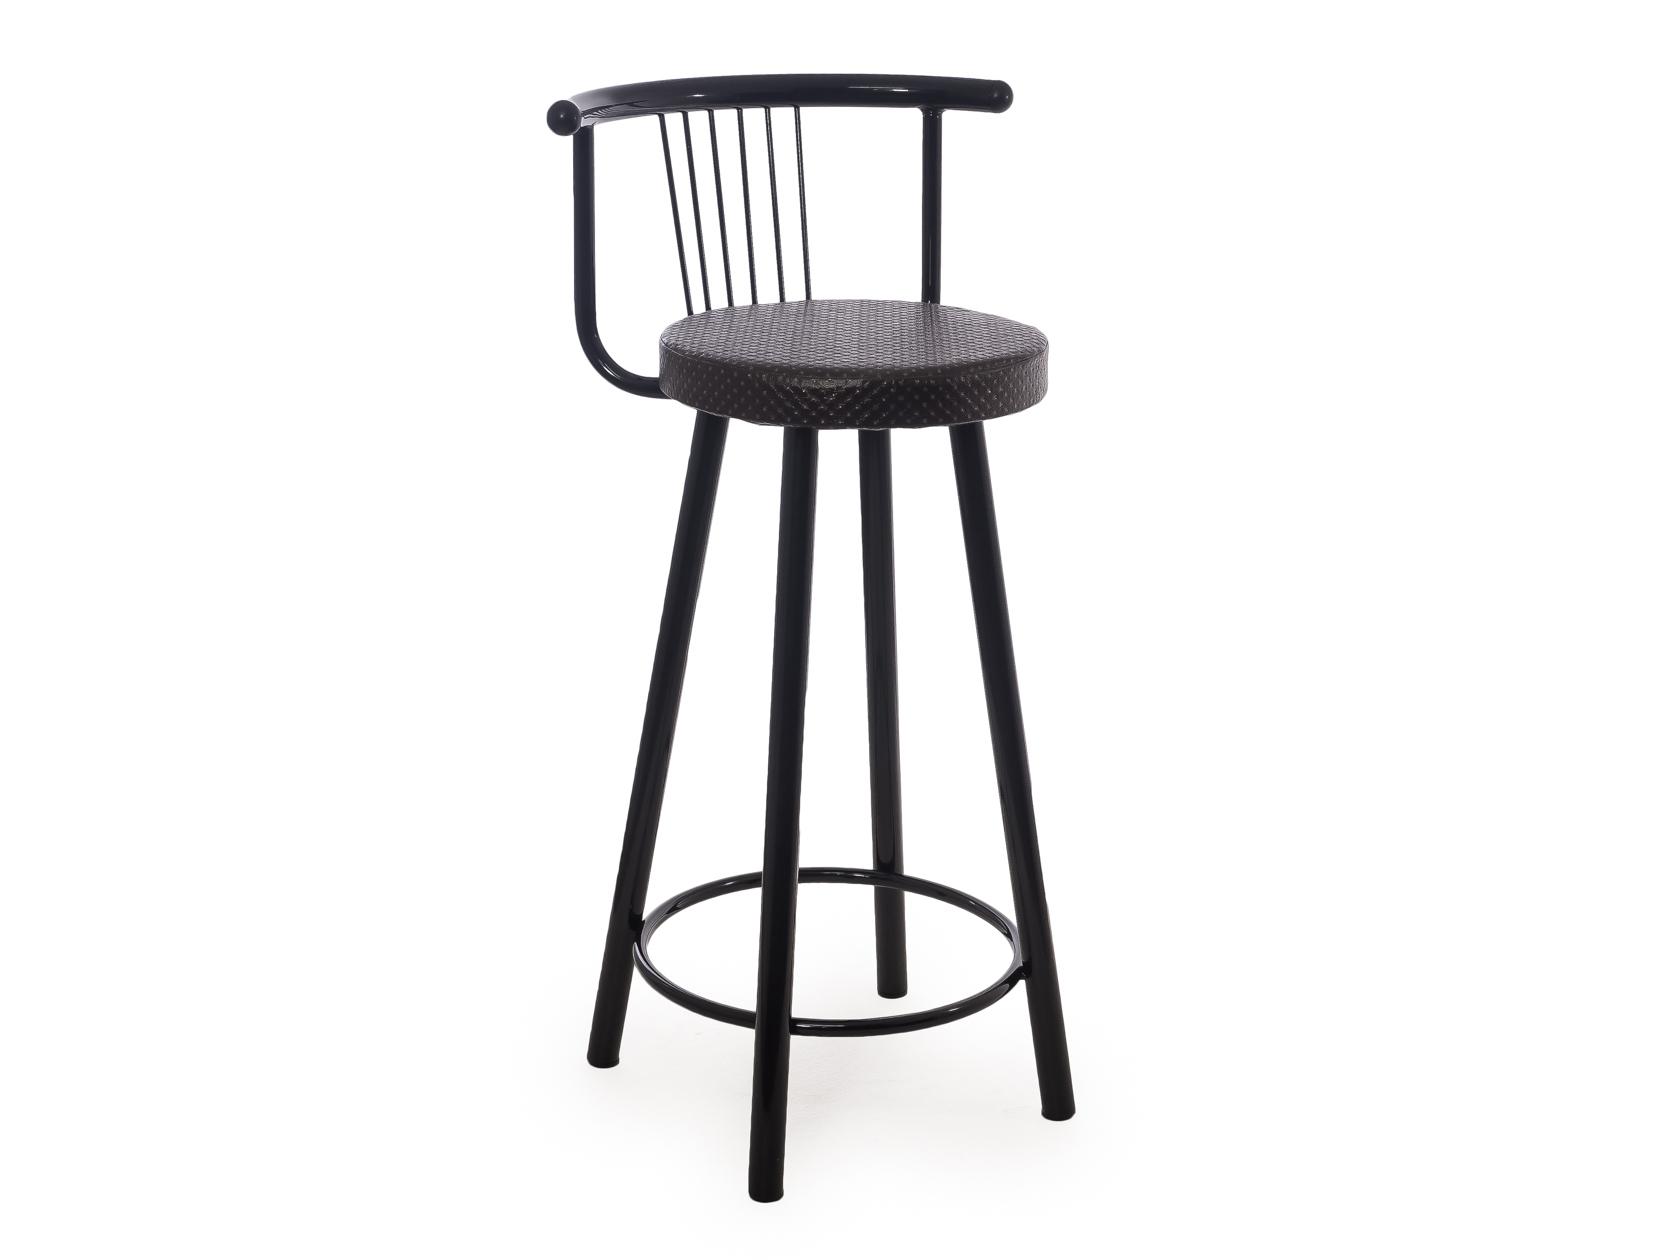 Мягкий барный стул для кухни Амис Барный Стиль Бронза блеск фото